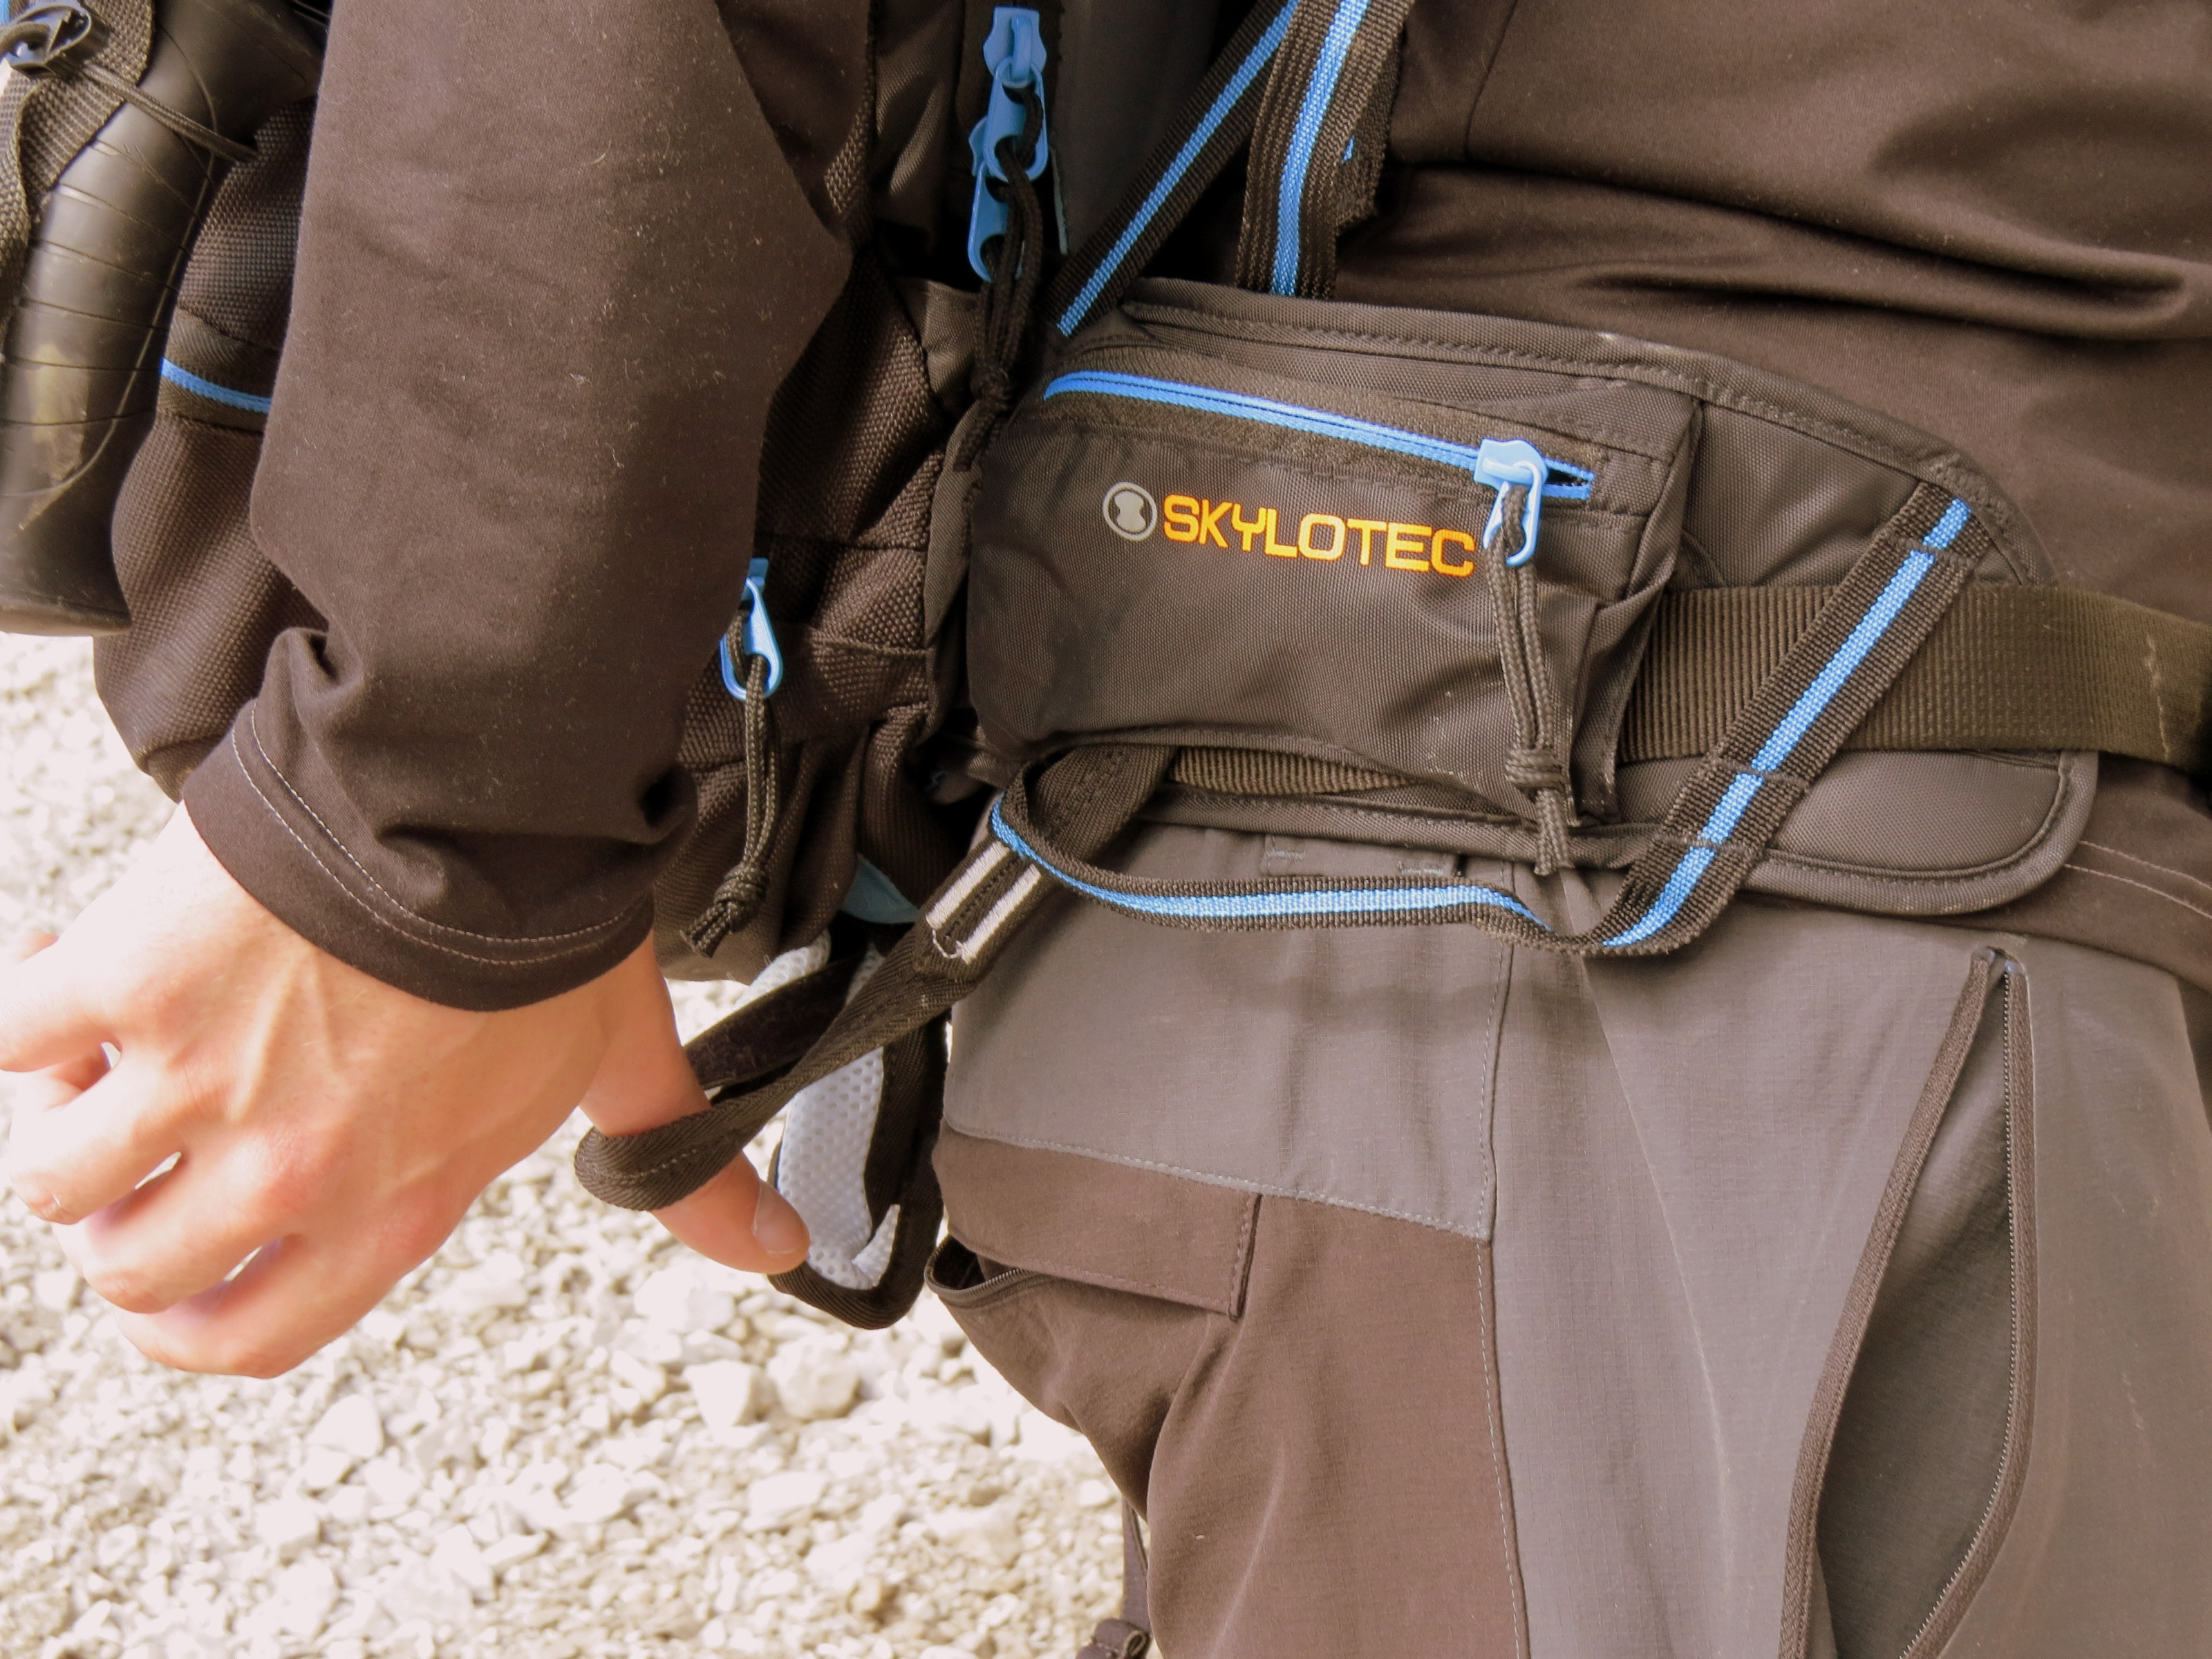 Skylotec Klettergurt Erfahrungen : Rucksack im test: der skylotec 32.0 mit integriertem klettergurt